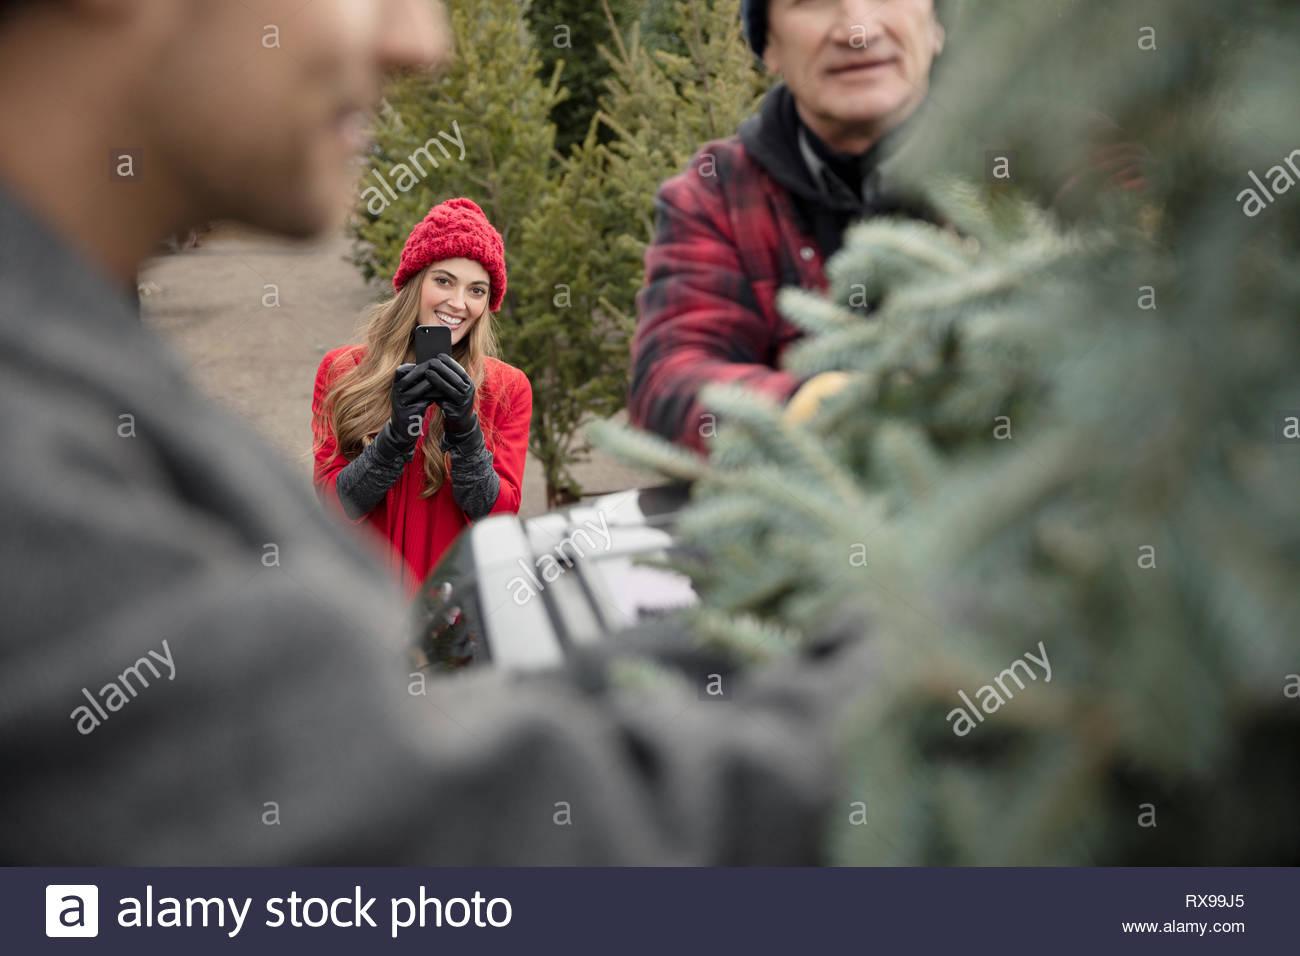 Mujer con teléfono con cámara de fotografiar novio compras de árbol de Navidad en el mercadillo de navidad Imagen De Stock